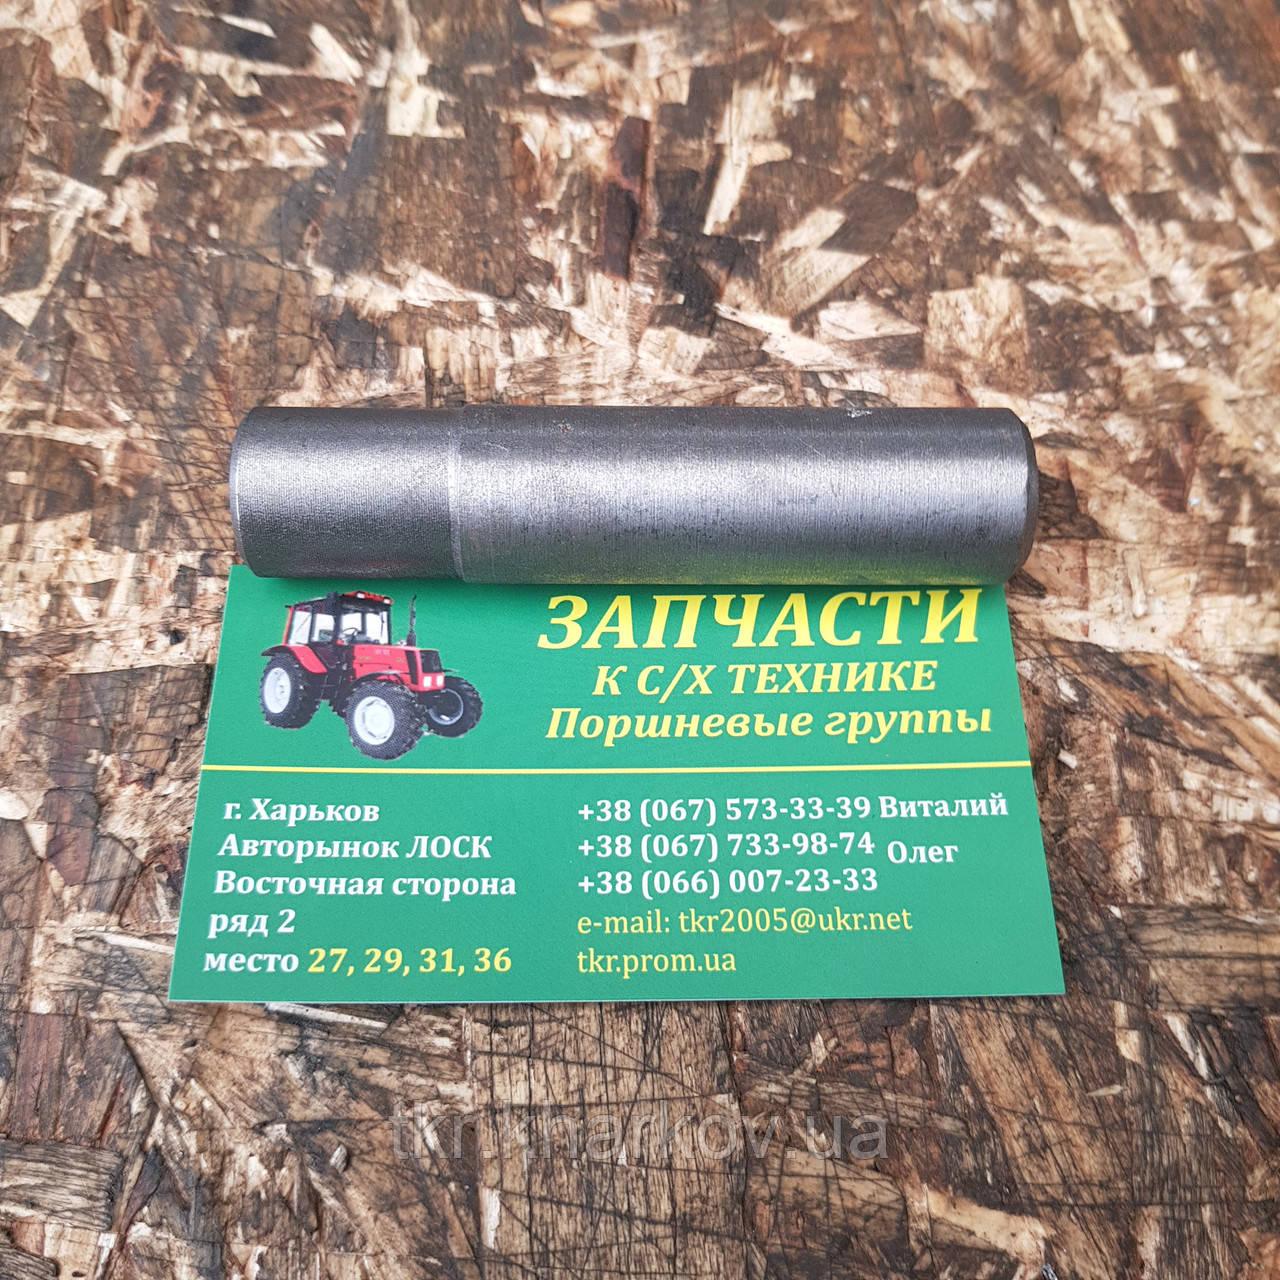 Втулка направляющая клапана СМД-14..18, СМД-31 14-0603